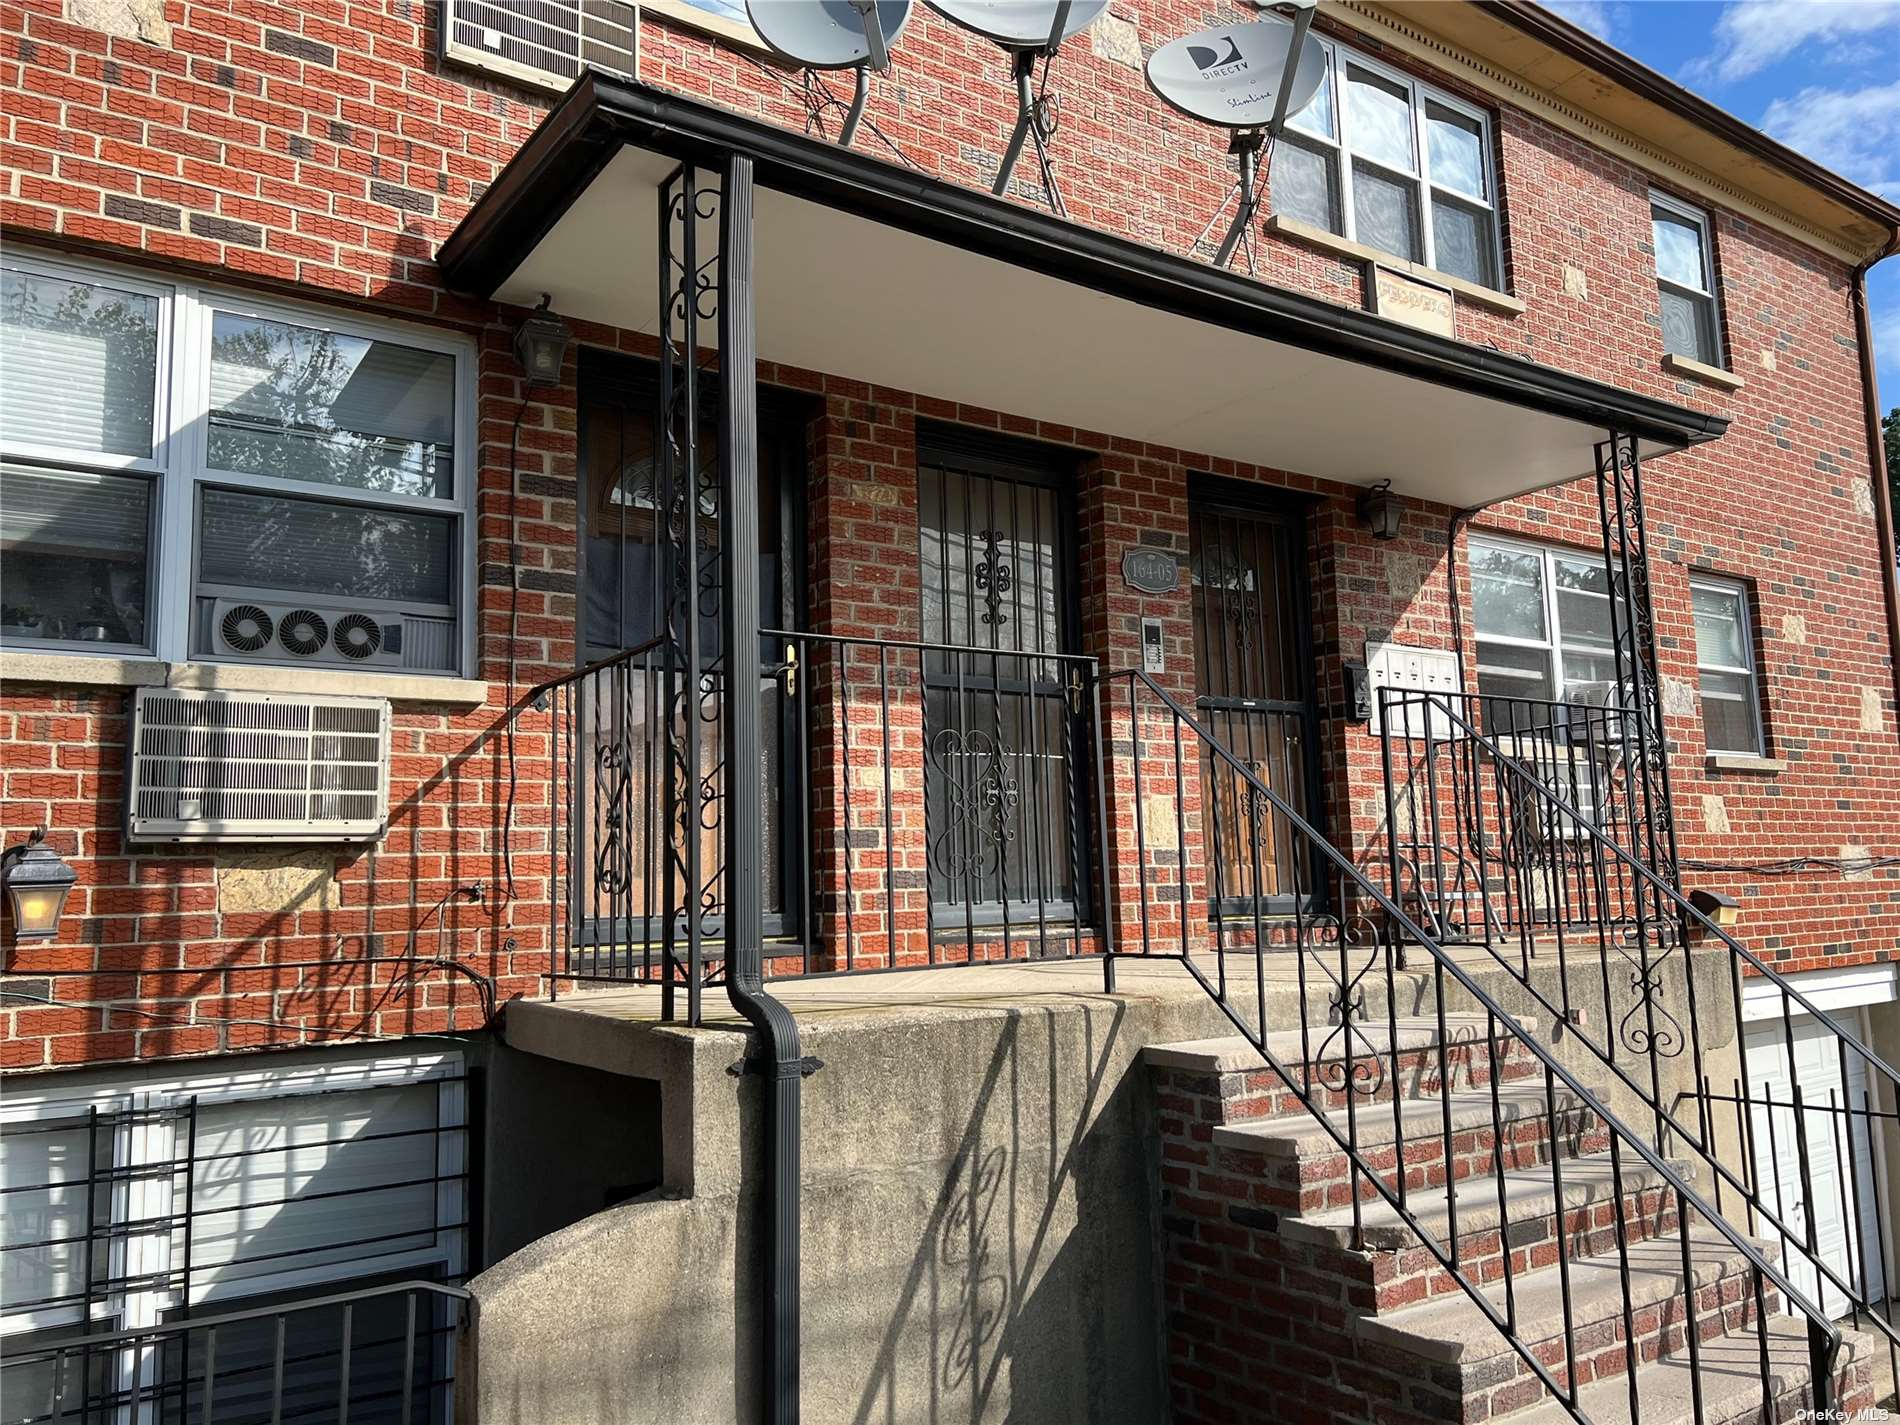 Photo of 164-05 65th Ave, Flushing, NY 11365, Flushing, NY 11365